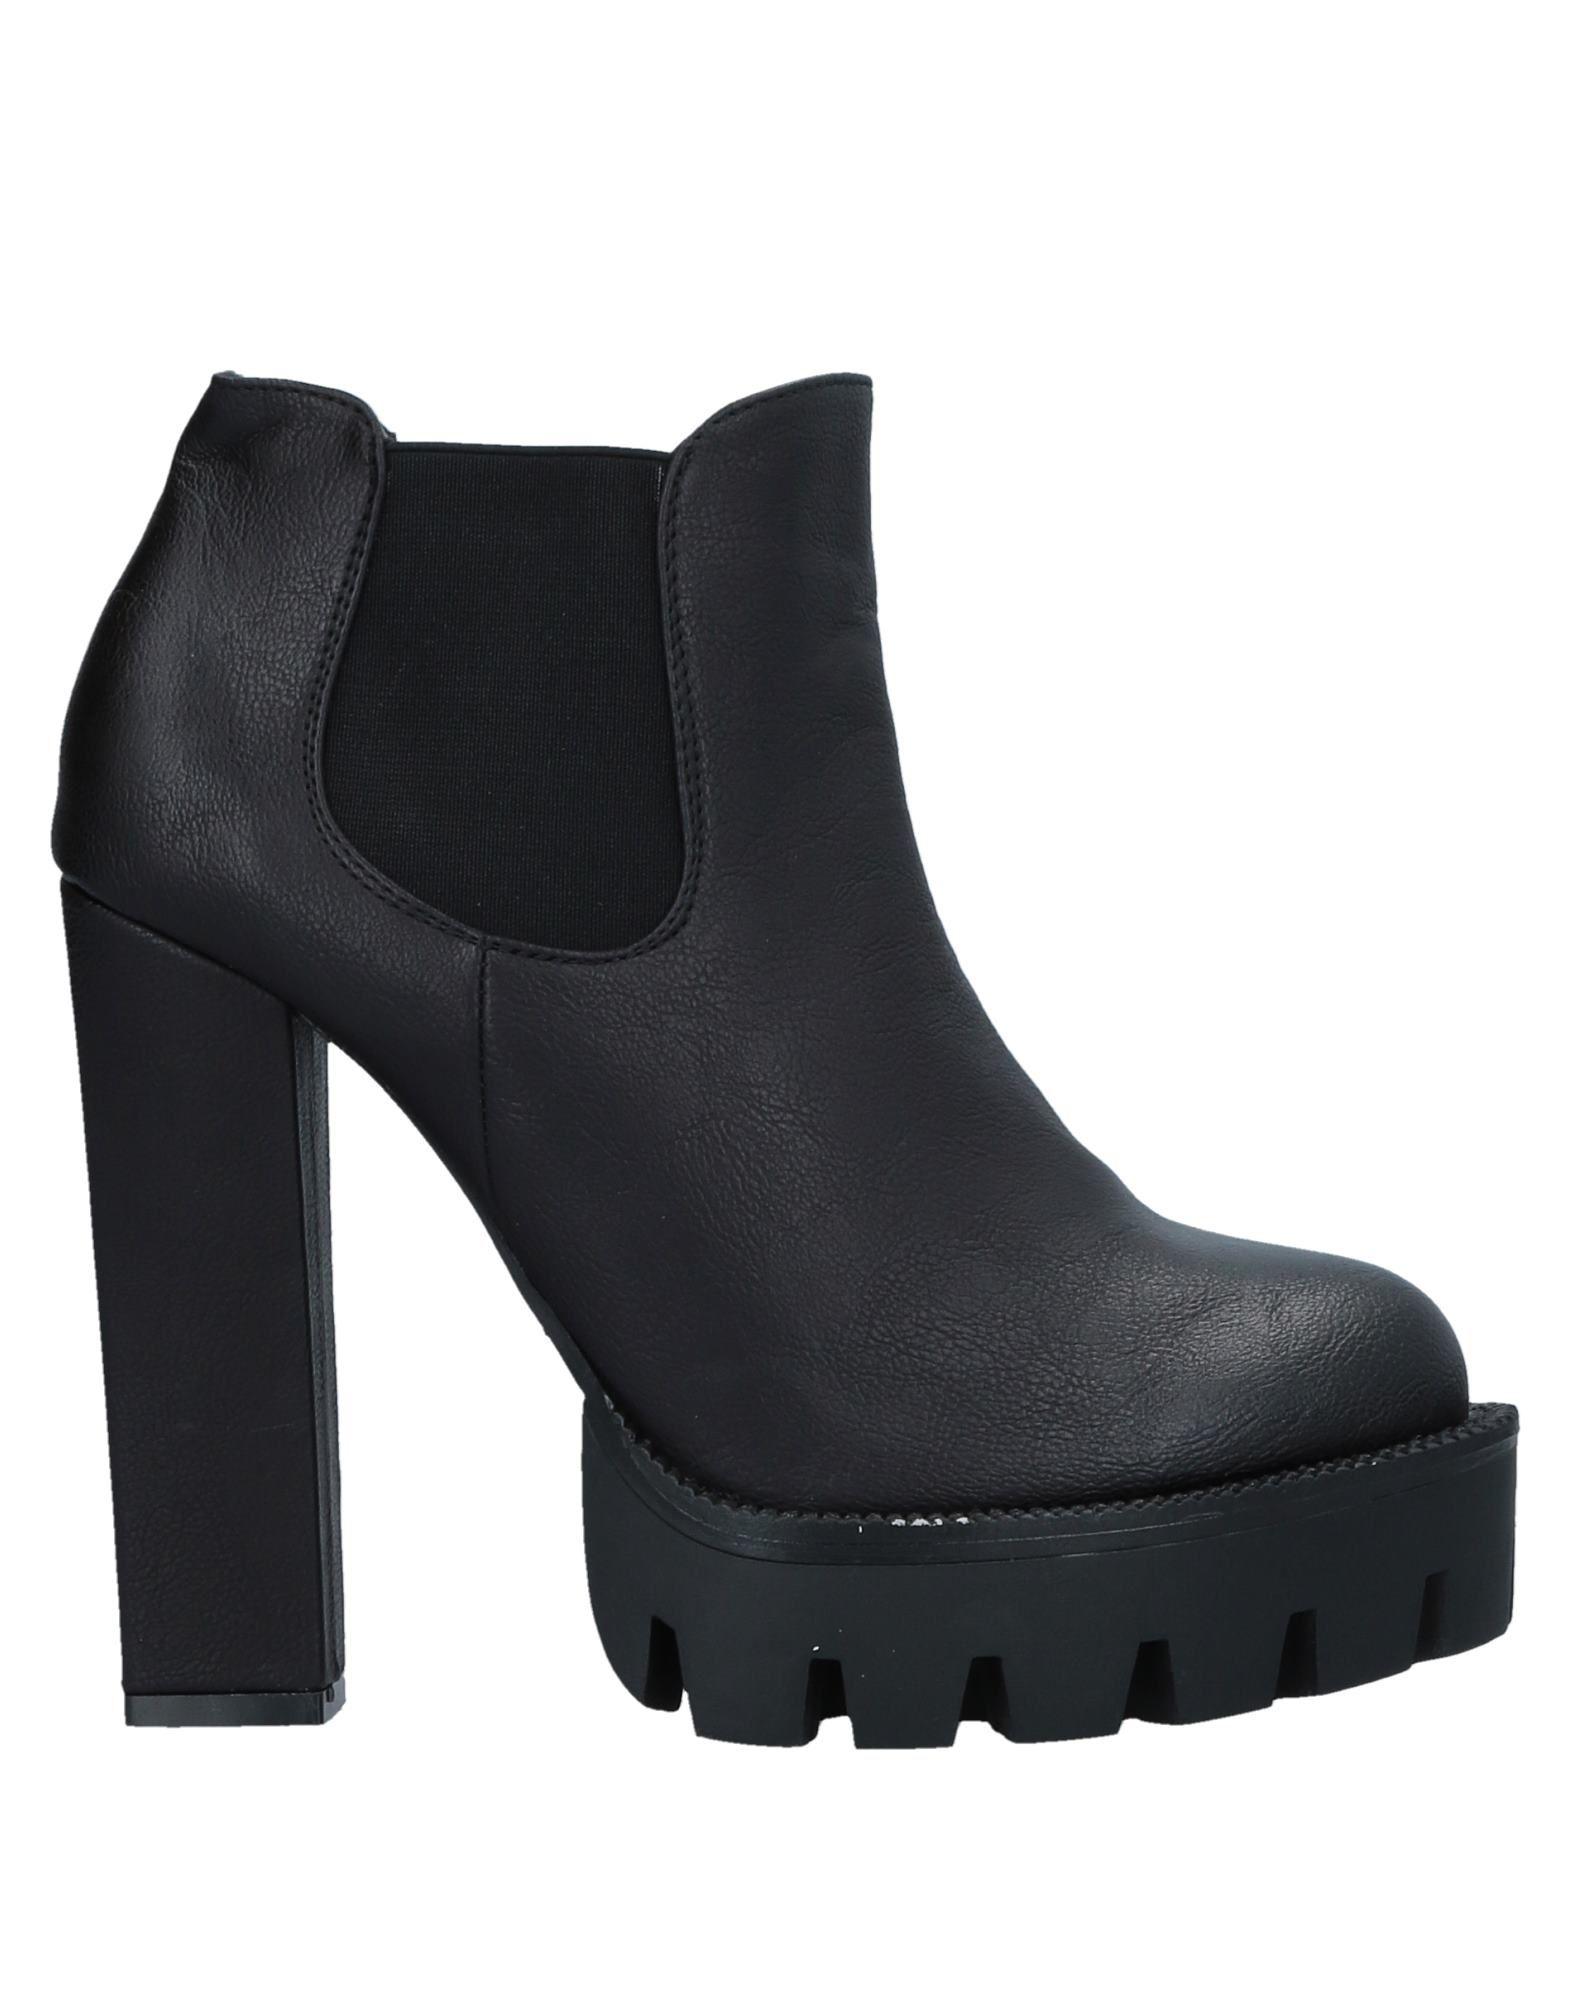 Gioiosita Stiefelette Damen  11537197LV Gute Qualität beliebte Schuhe